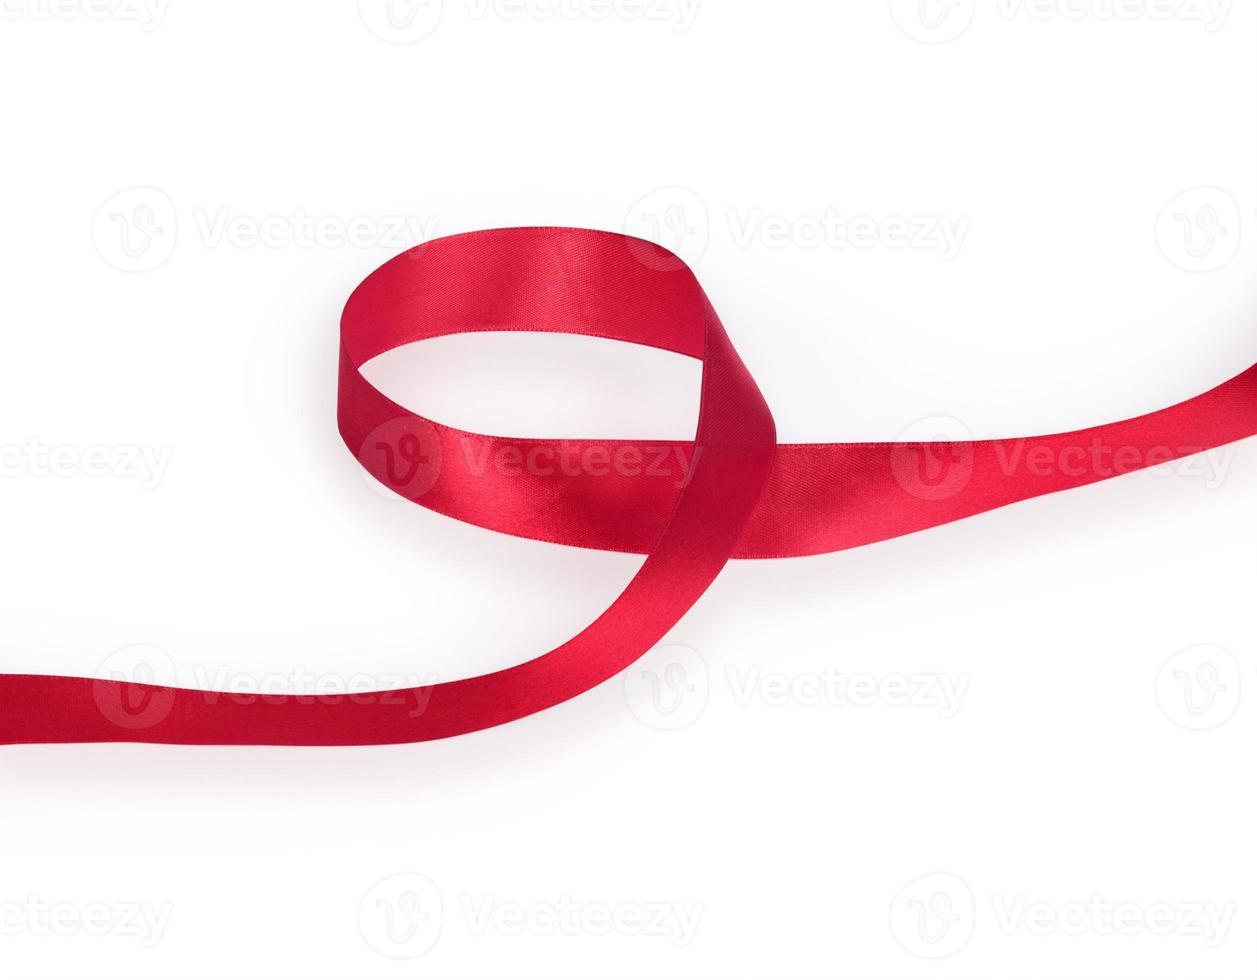 fita vermelha isolada no fundo branco foto